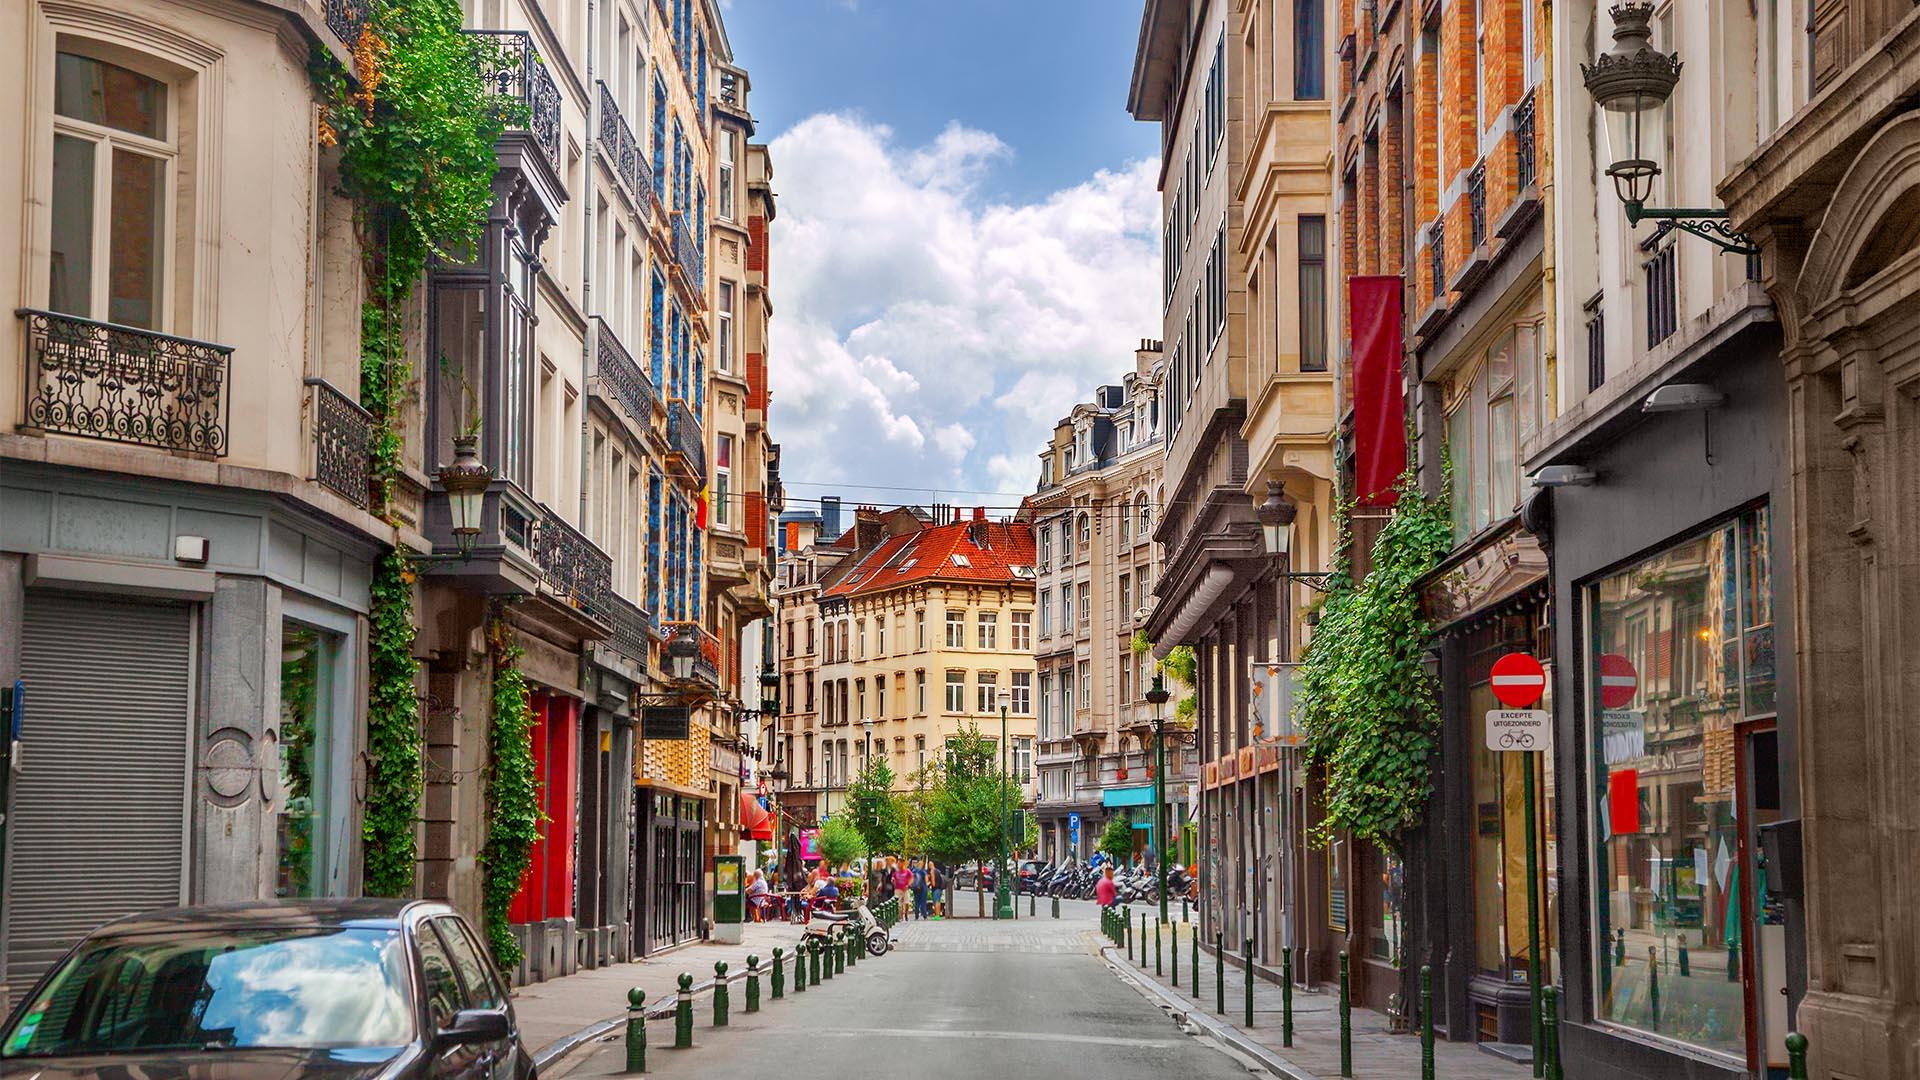 Bruselas es una ciudad segura para los turistas. El principal riesgo es el delito menor y los carteristas en el metro o en las estaciones de tren